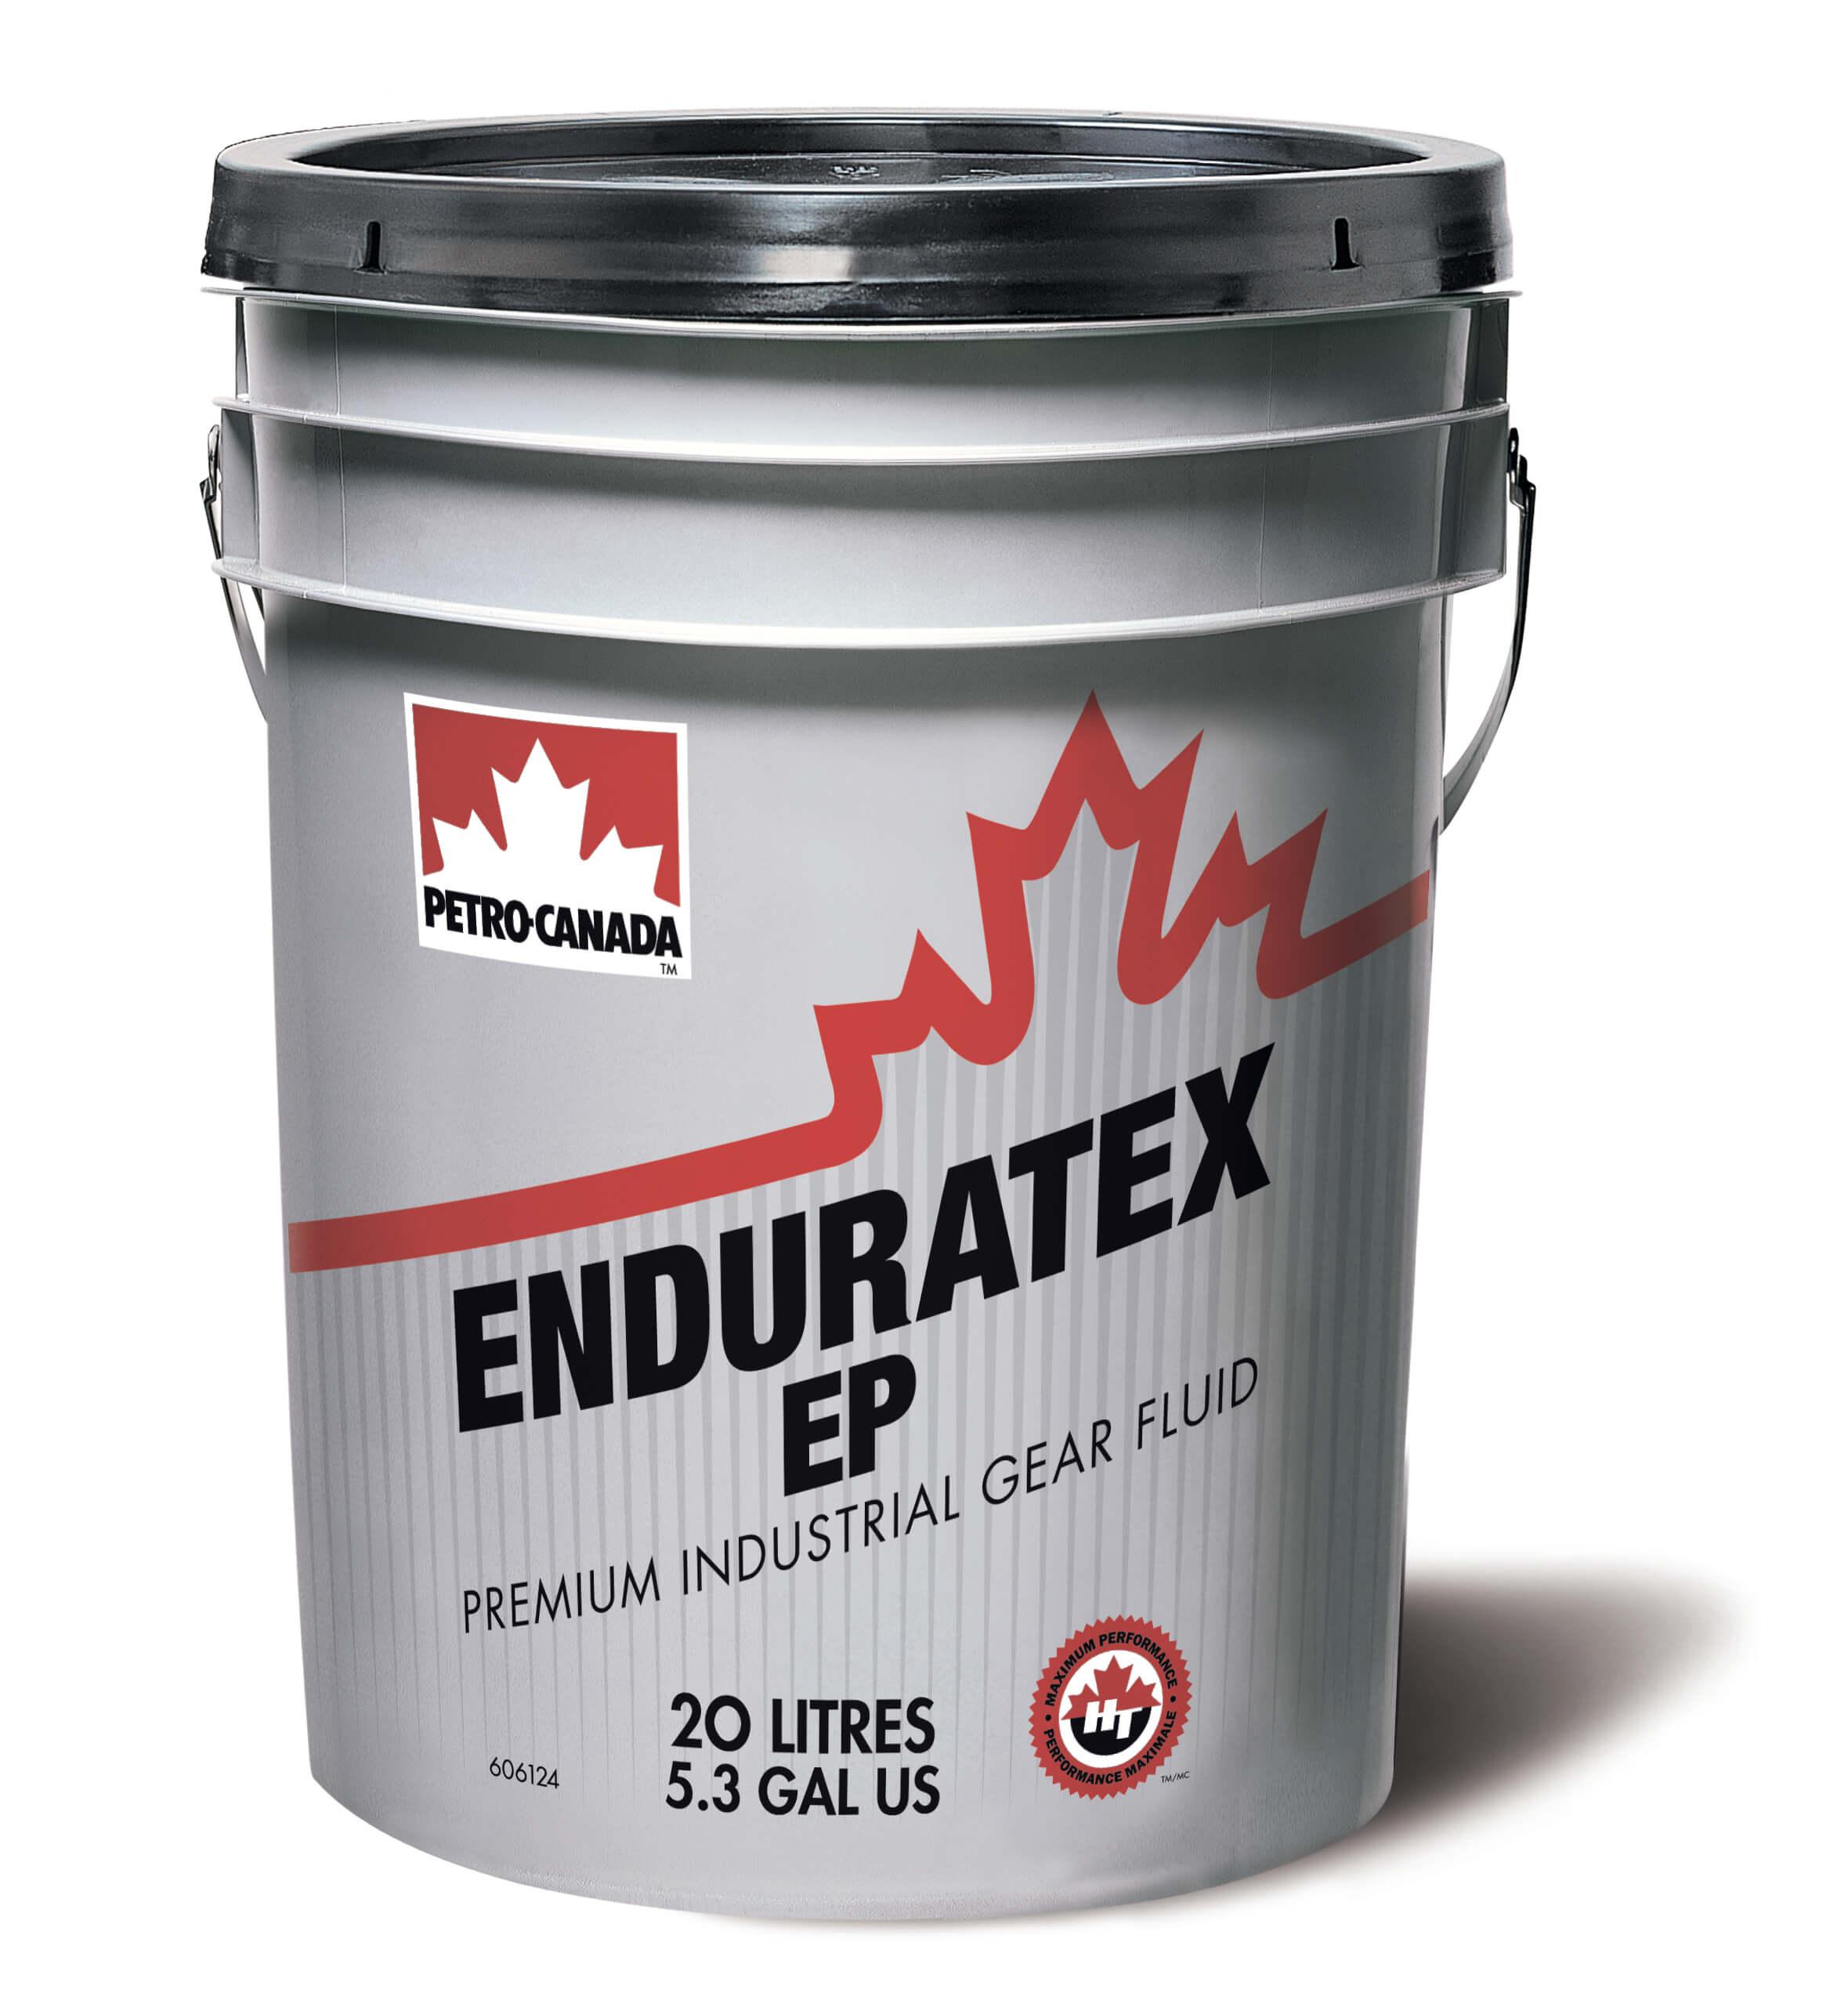 Petro-Canada Enduratex EP 680